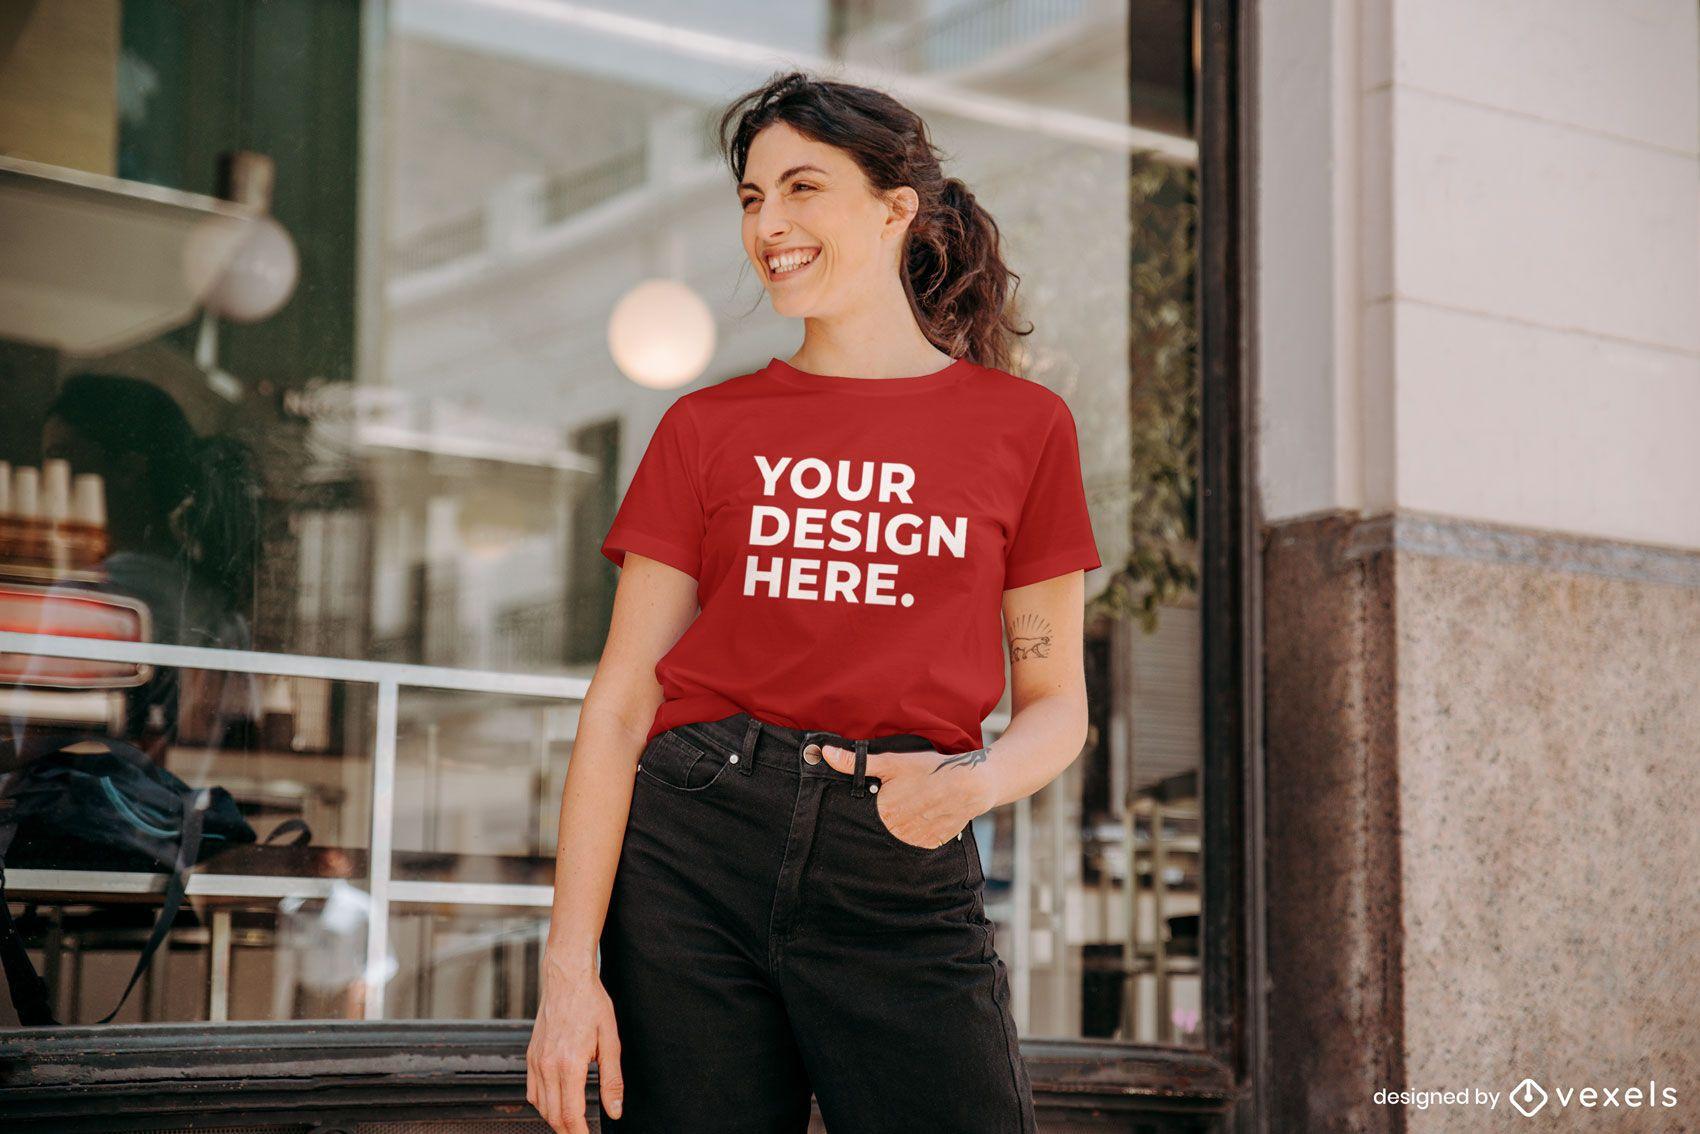 Cafe Modell T-Shirt Modell